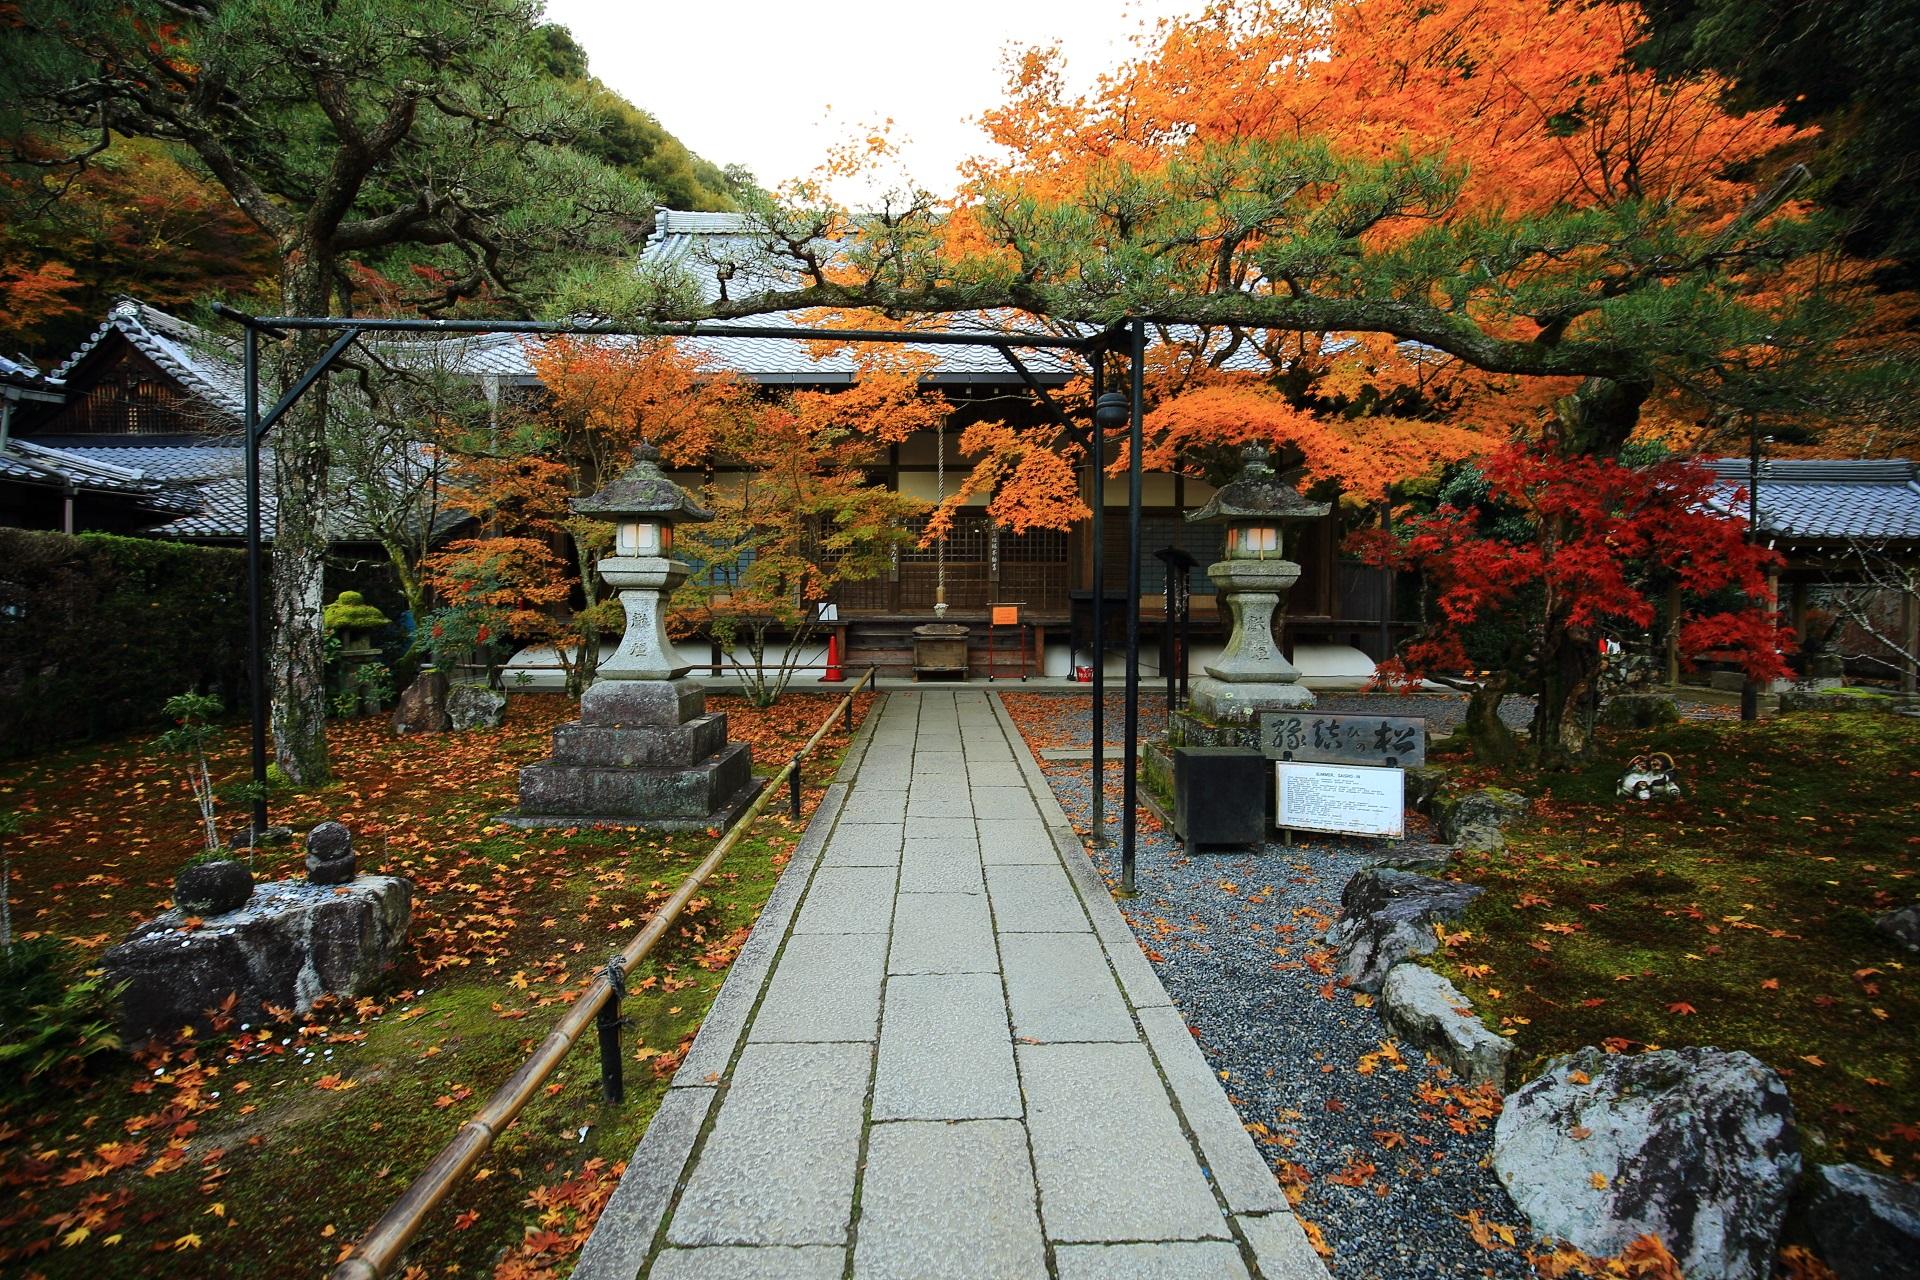 最勝院の本堂と縁結びの松と鮮やかな見ごろの紅葉